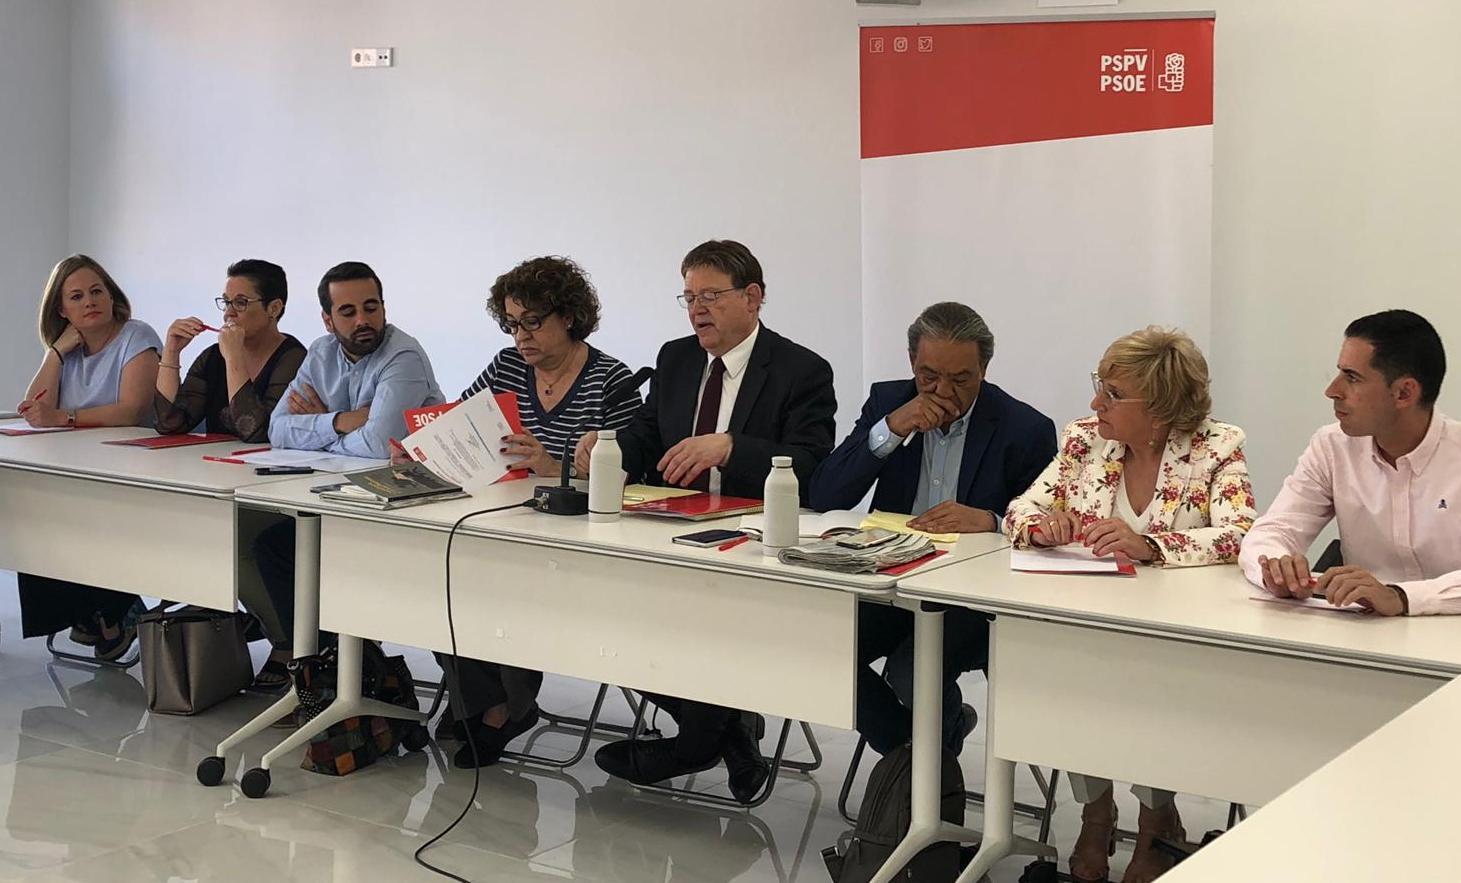 El PSPV-PSOE aprova la direcció del Grup Socialista en Les Corts i la comissió negociadora del futur pacte de govern